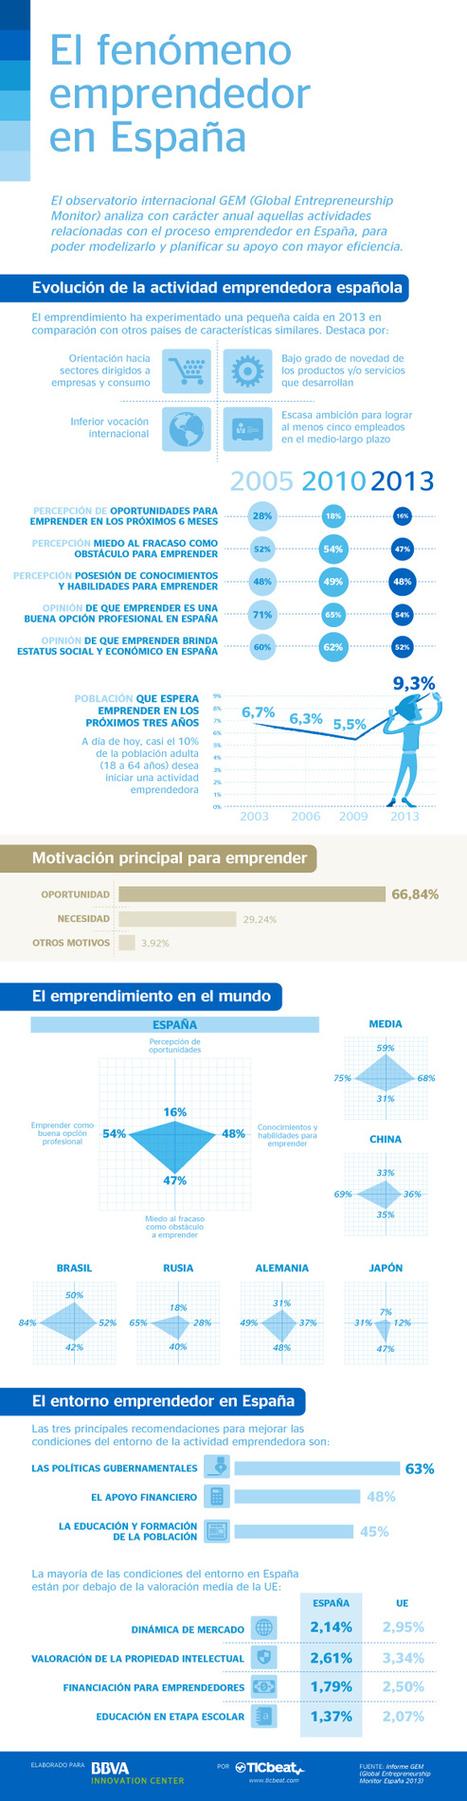 El fenómeno emprendedor en España #infografia #infographic #entrepreneurship | EmpleoDosPuntoCero | Scoop.it